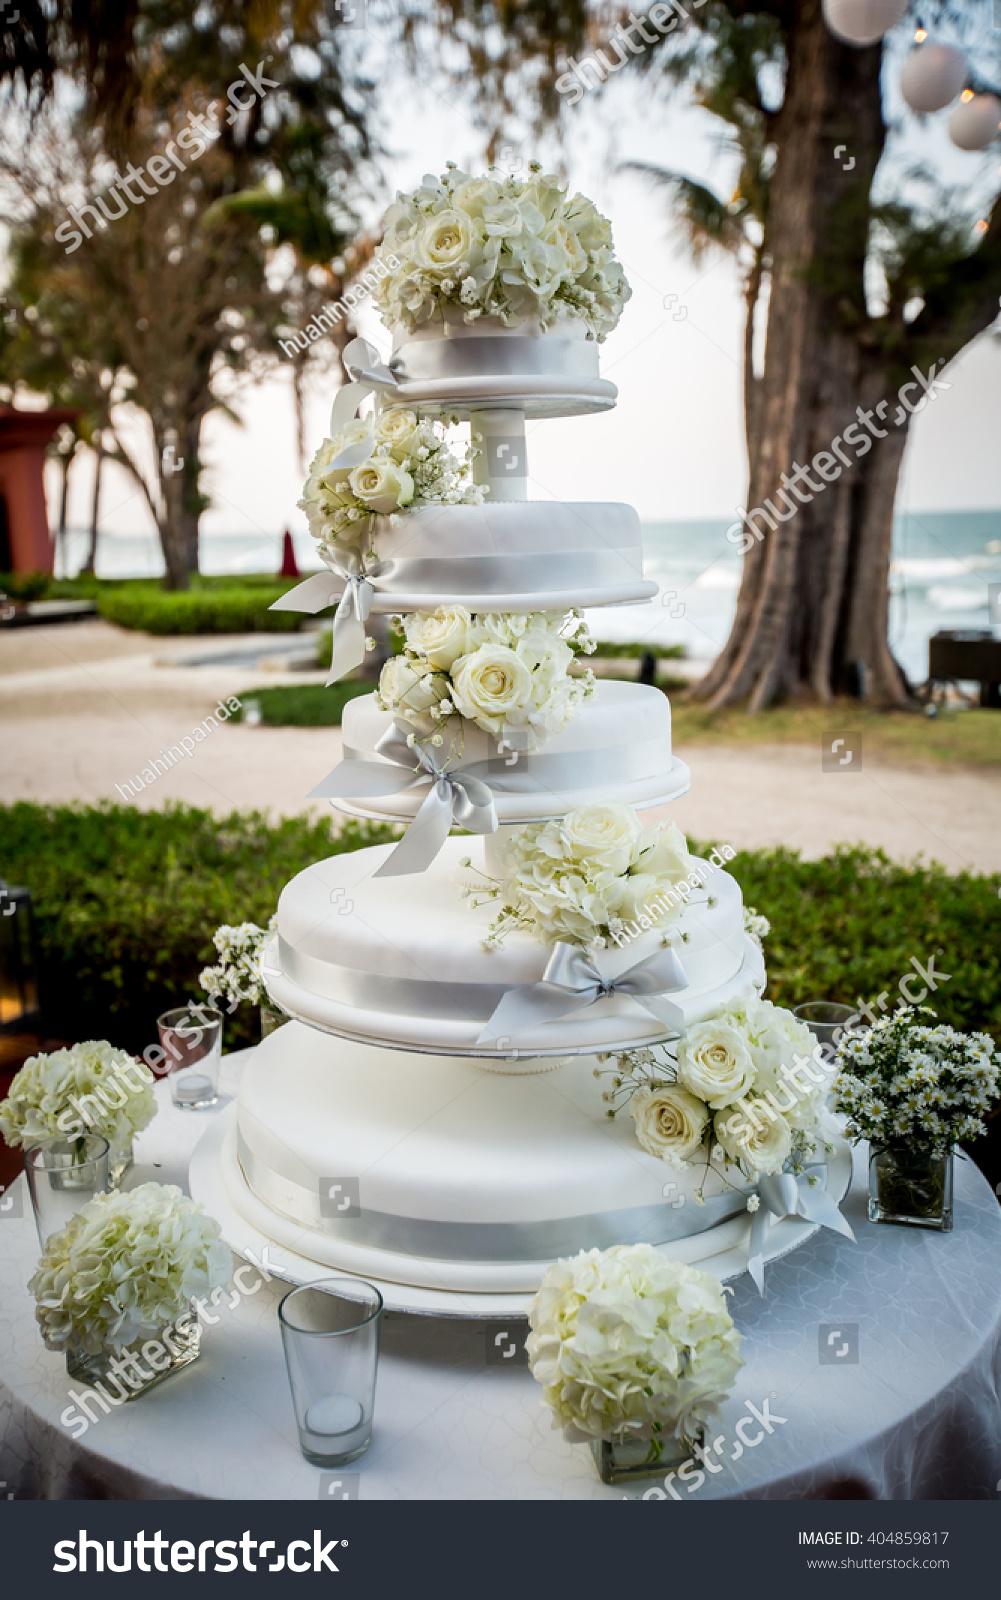 Wedding Cake White Roses Decoration Stock Photo Edit Now 404859817